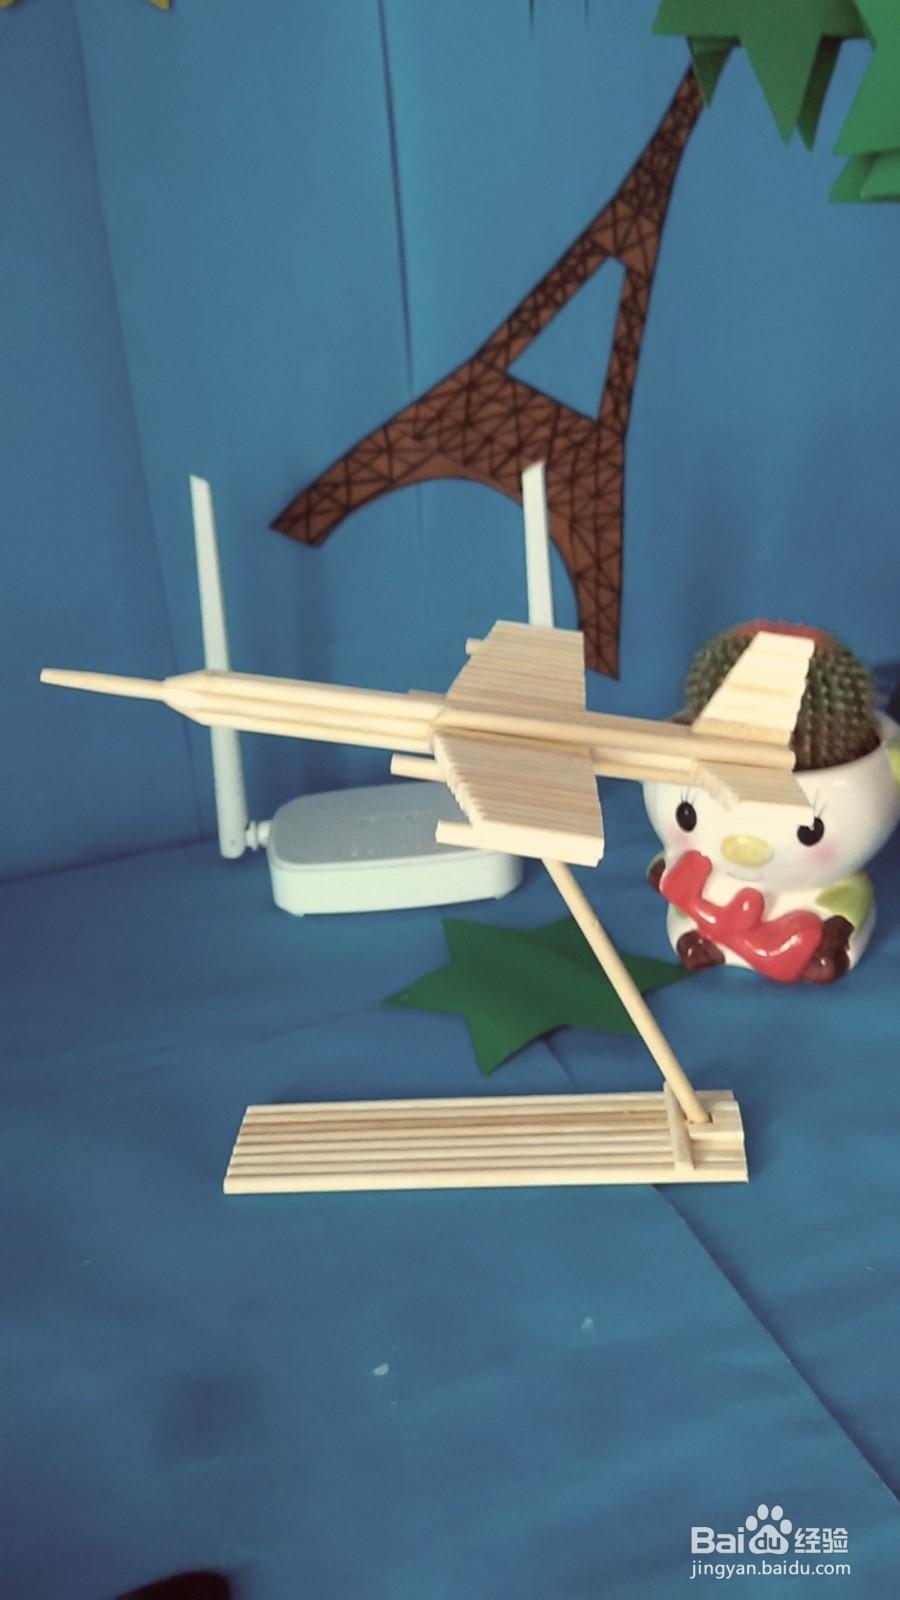 一次性筷子制作简易飞机模型